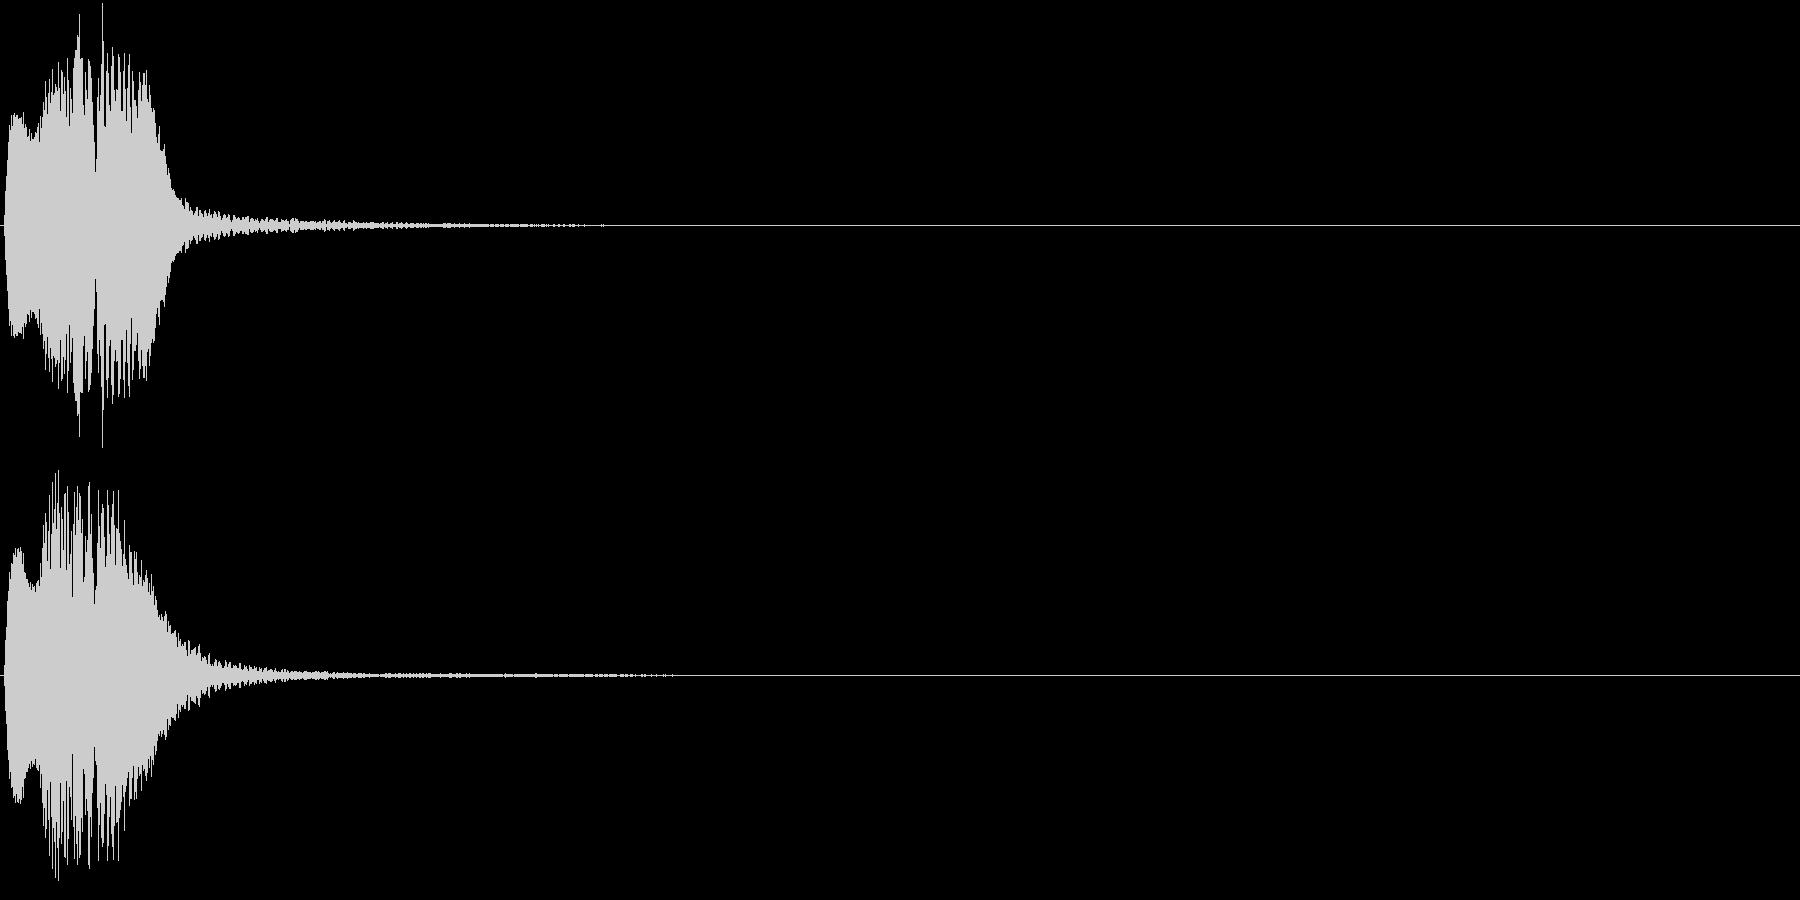 ボタン クリック コイン クレジット 2の未再生の波形